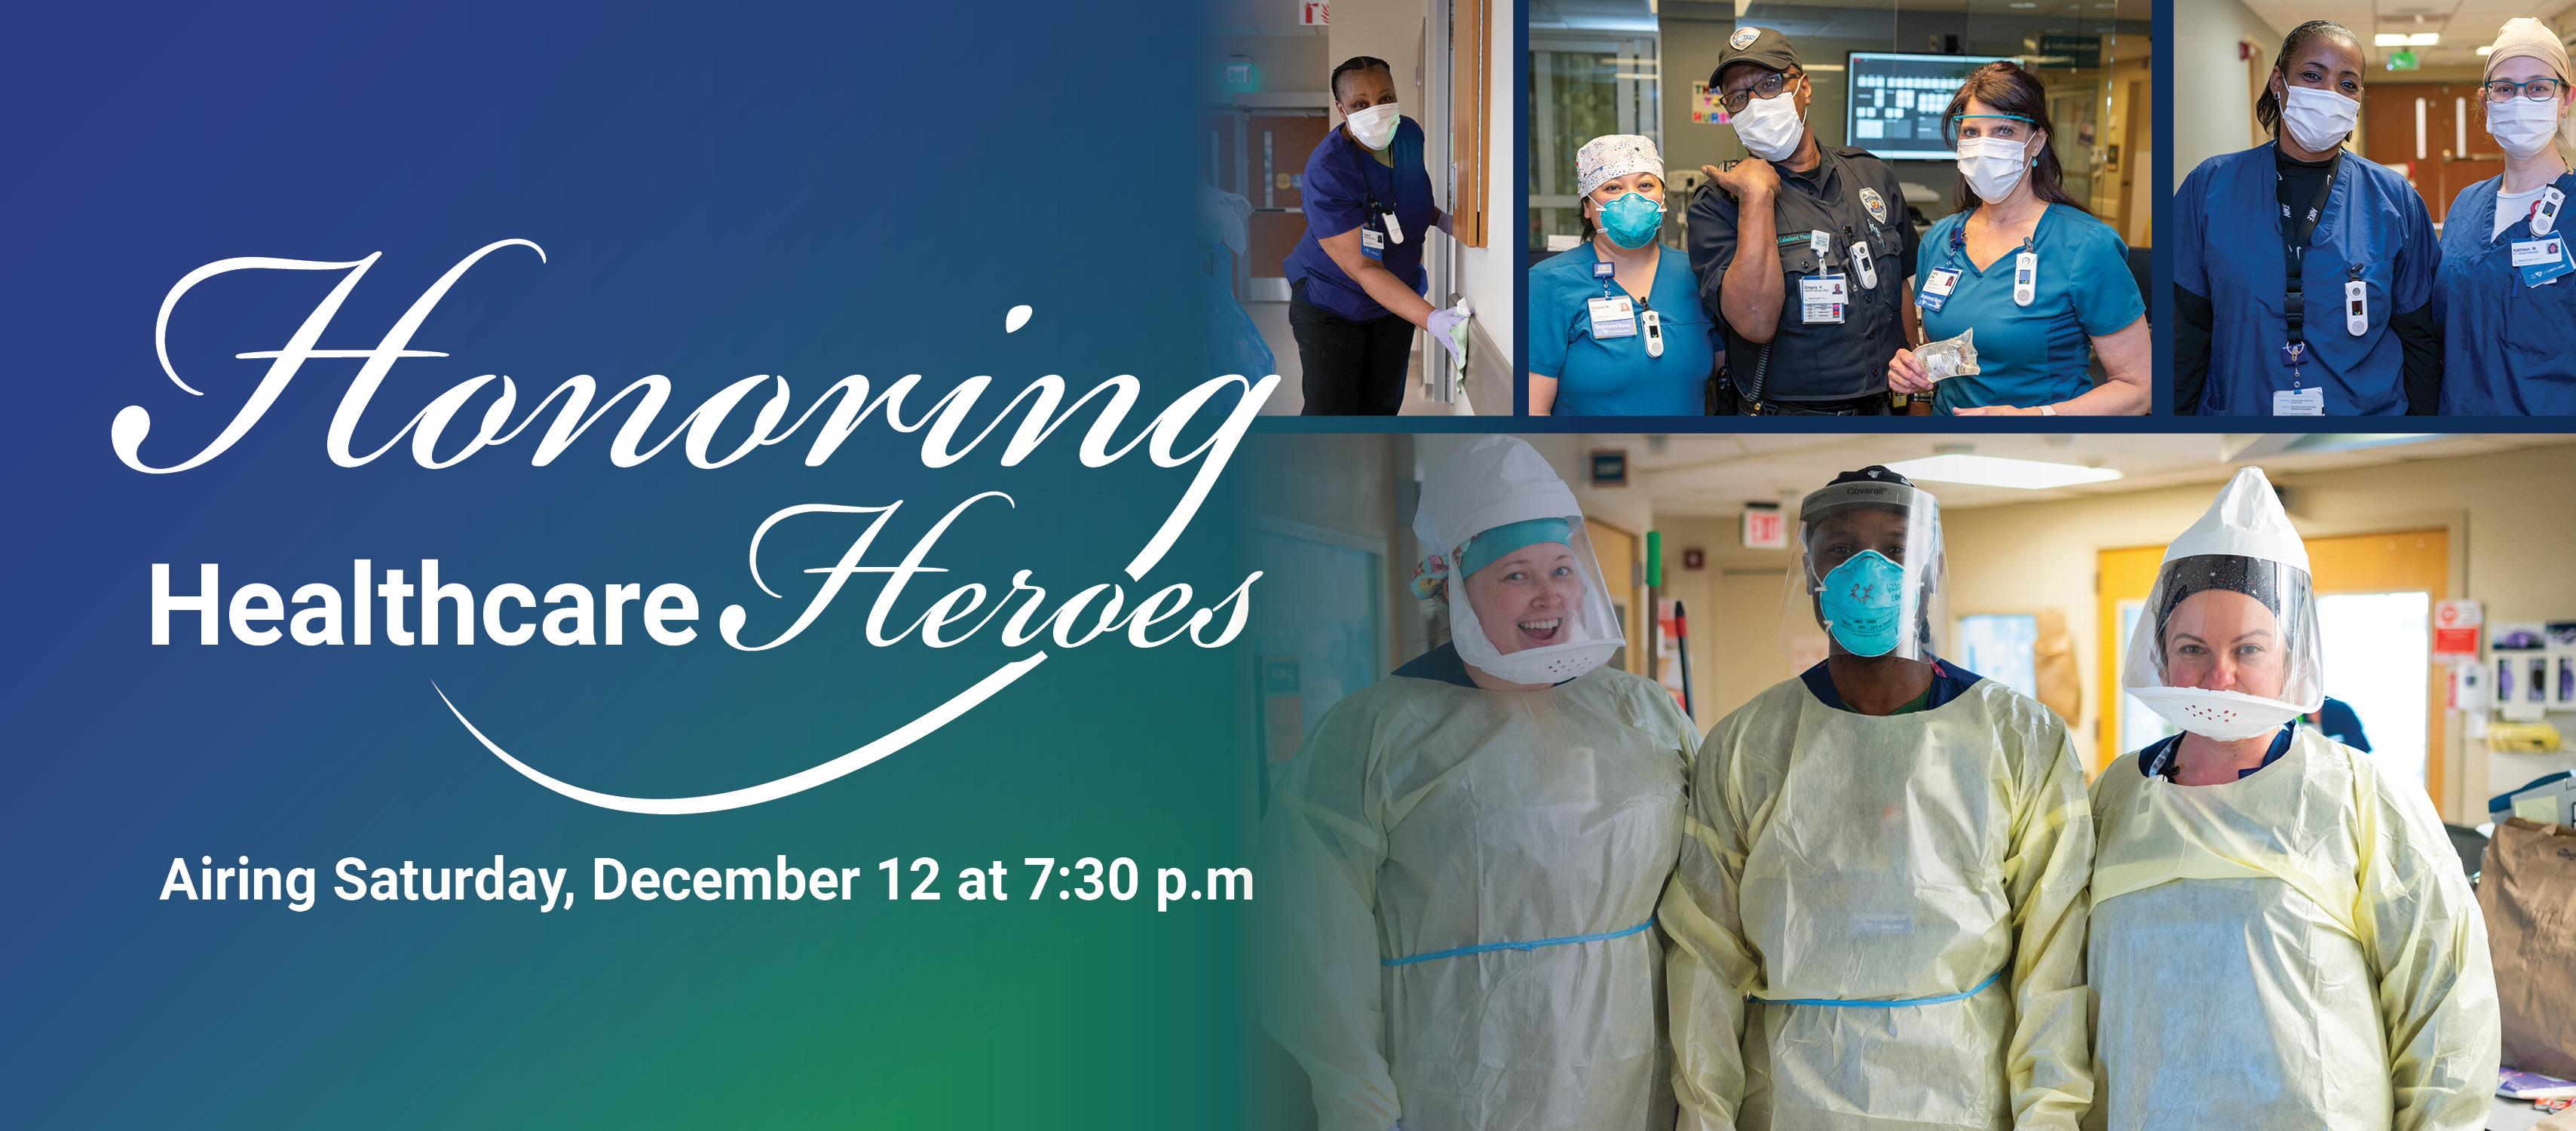 Honoring Healthcare Heroes